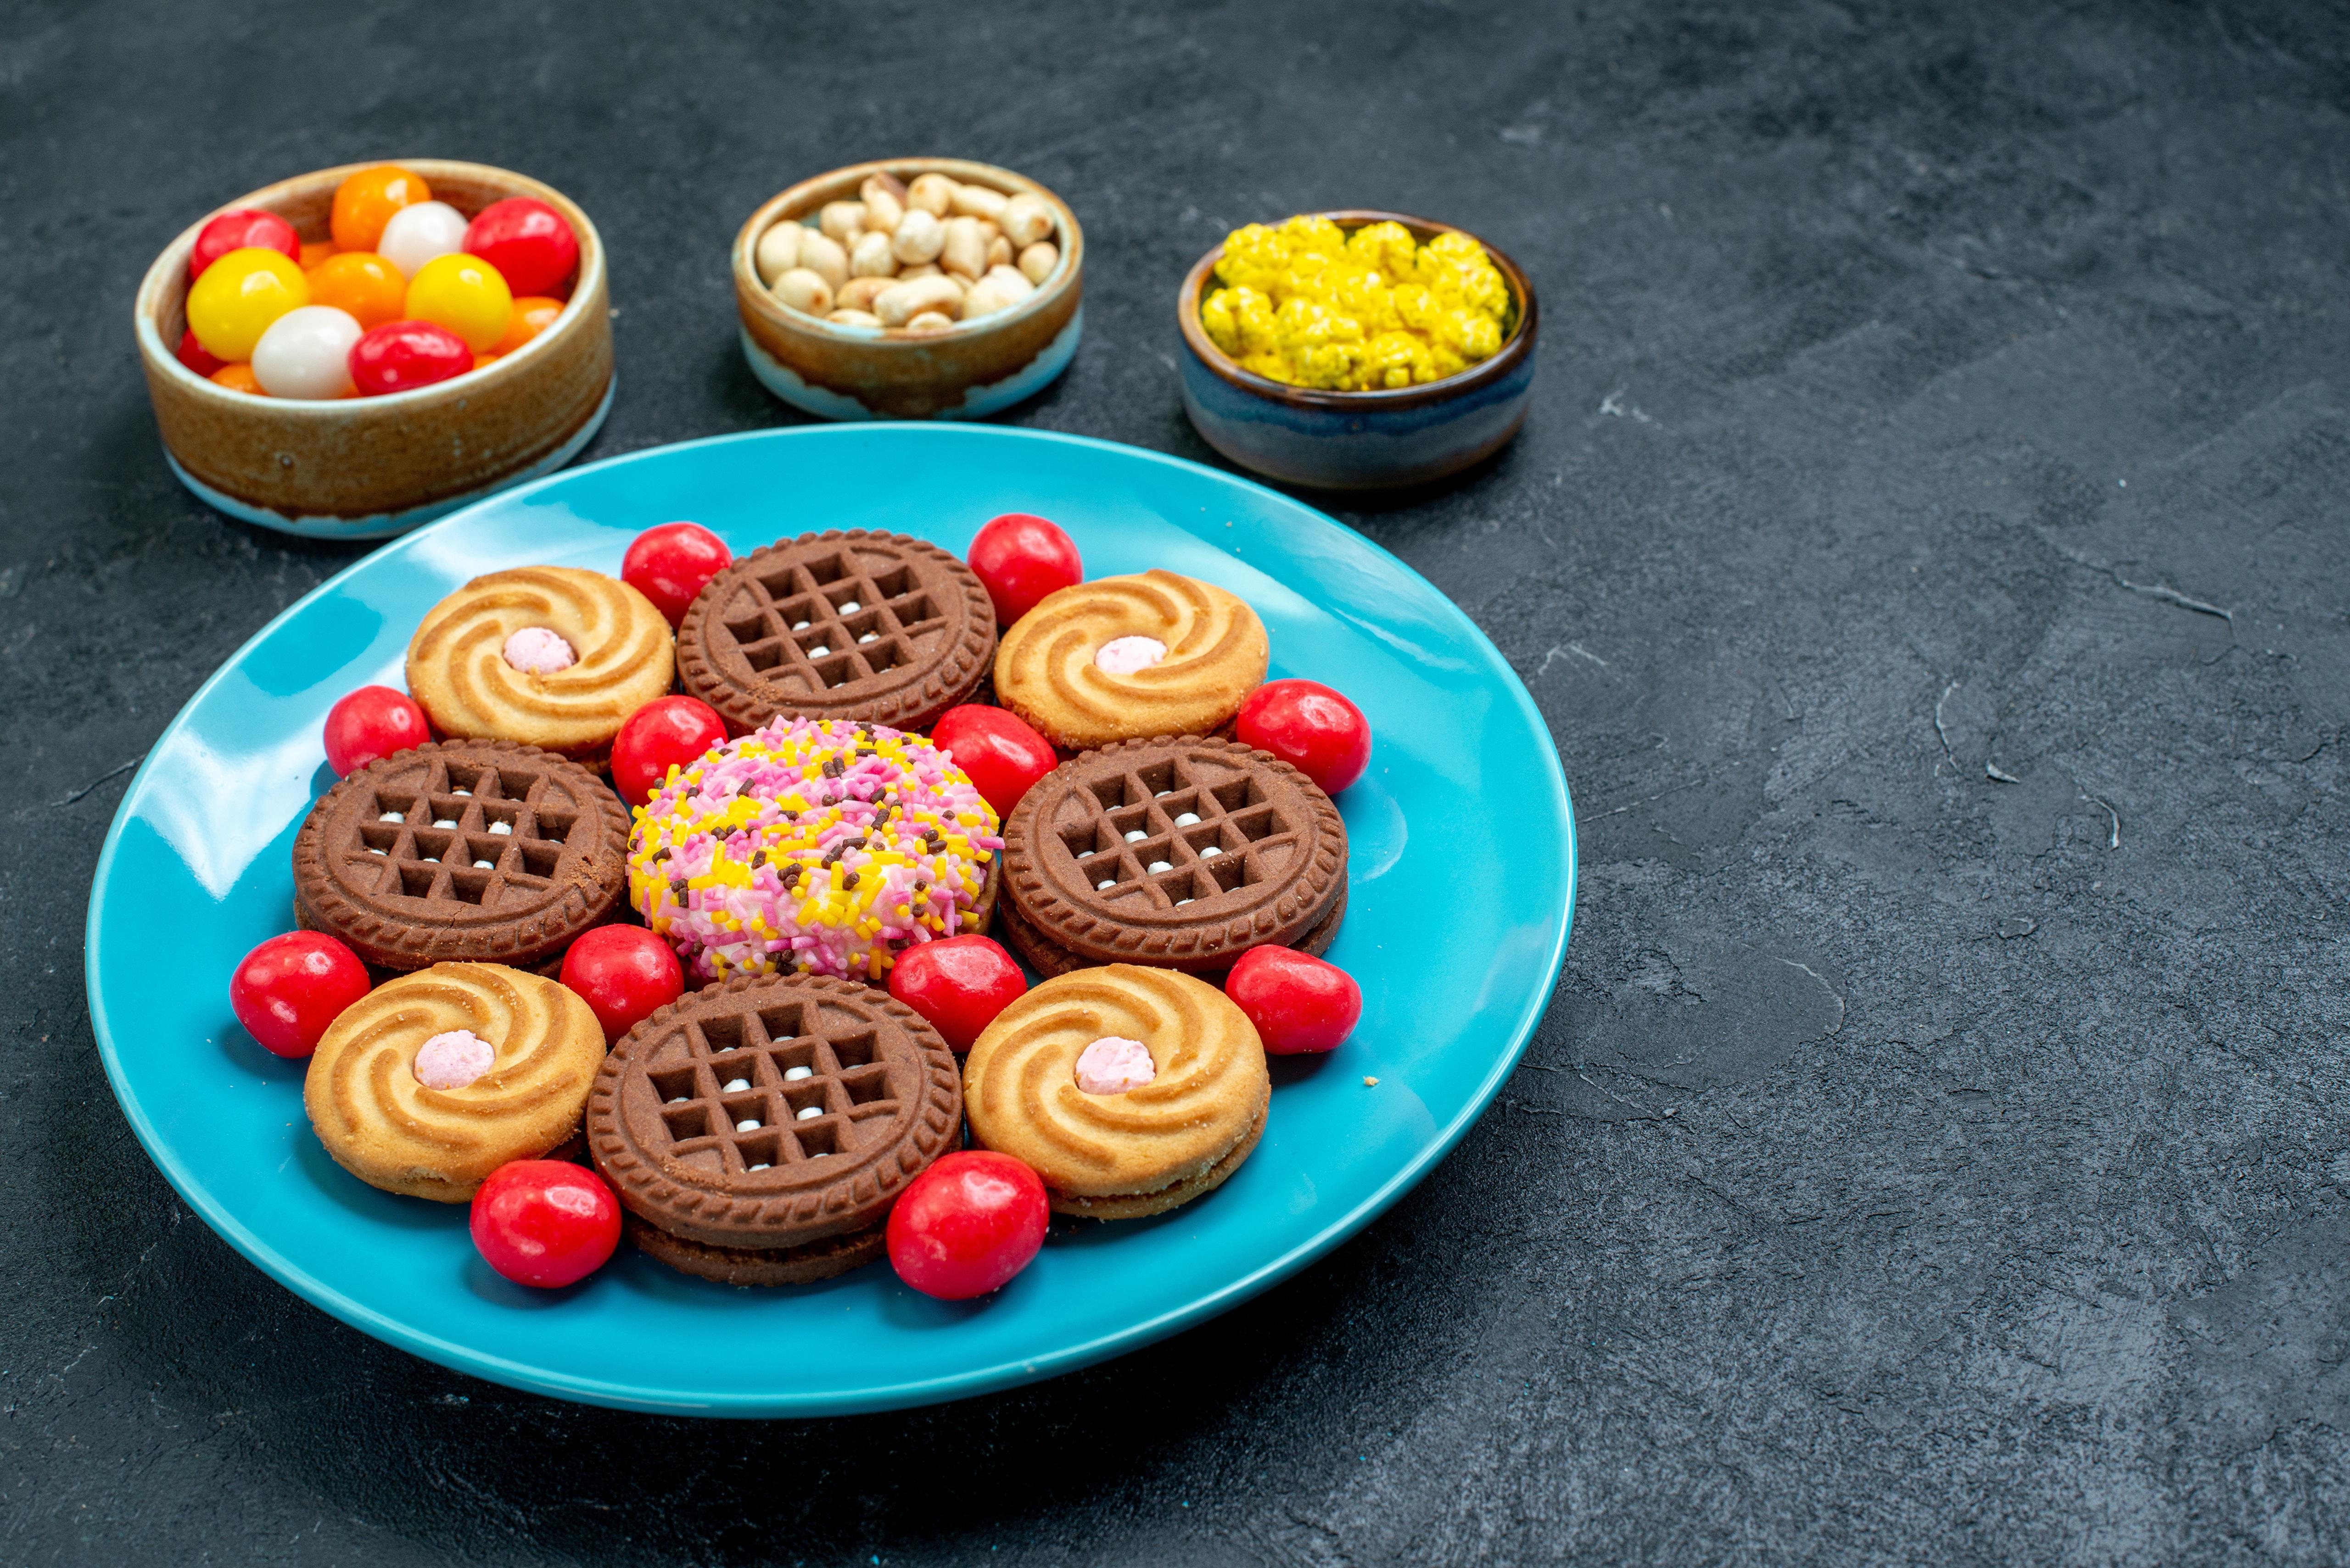 Обои для рабочего стола Конфеты Еда Печенье Тарелка Сладости Пища тарелке Продукты питания сладкая еда